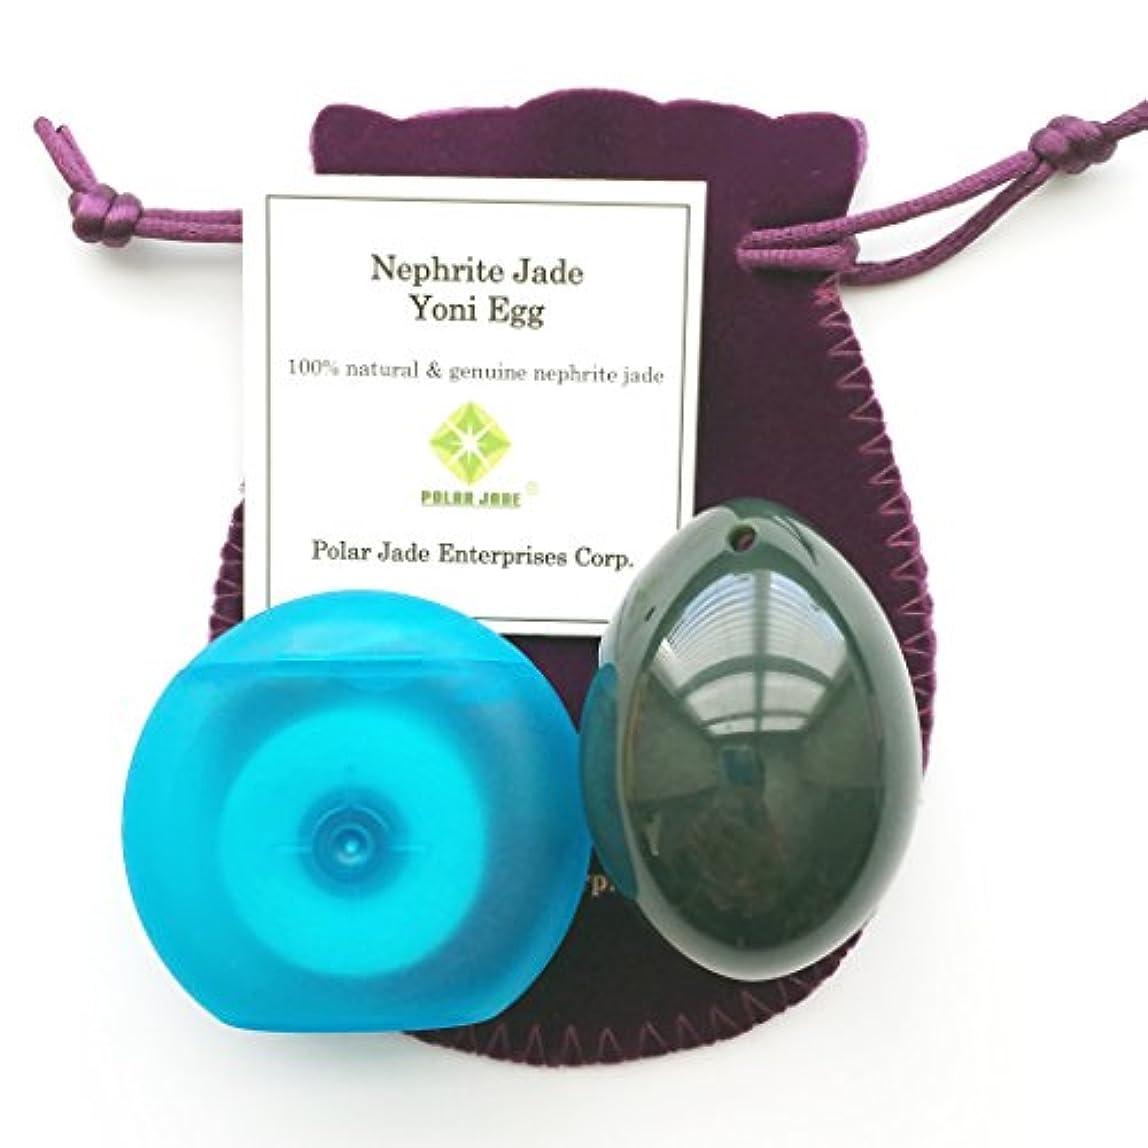 妊娠した開拓者回転するネフライト翡翠卵(ジェイドエッグ)、紐穴あり、ワックス加工のされていないデンタルフロス一箱同梱、品質証明書及びエッグ?エクササイズの使用説明書(英語)付き、パワーストーンとしても好適 (Nephrite Jade Egg...